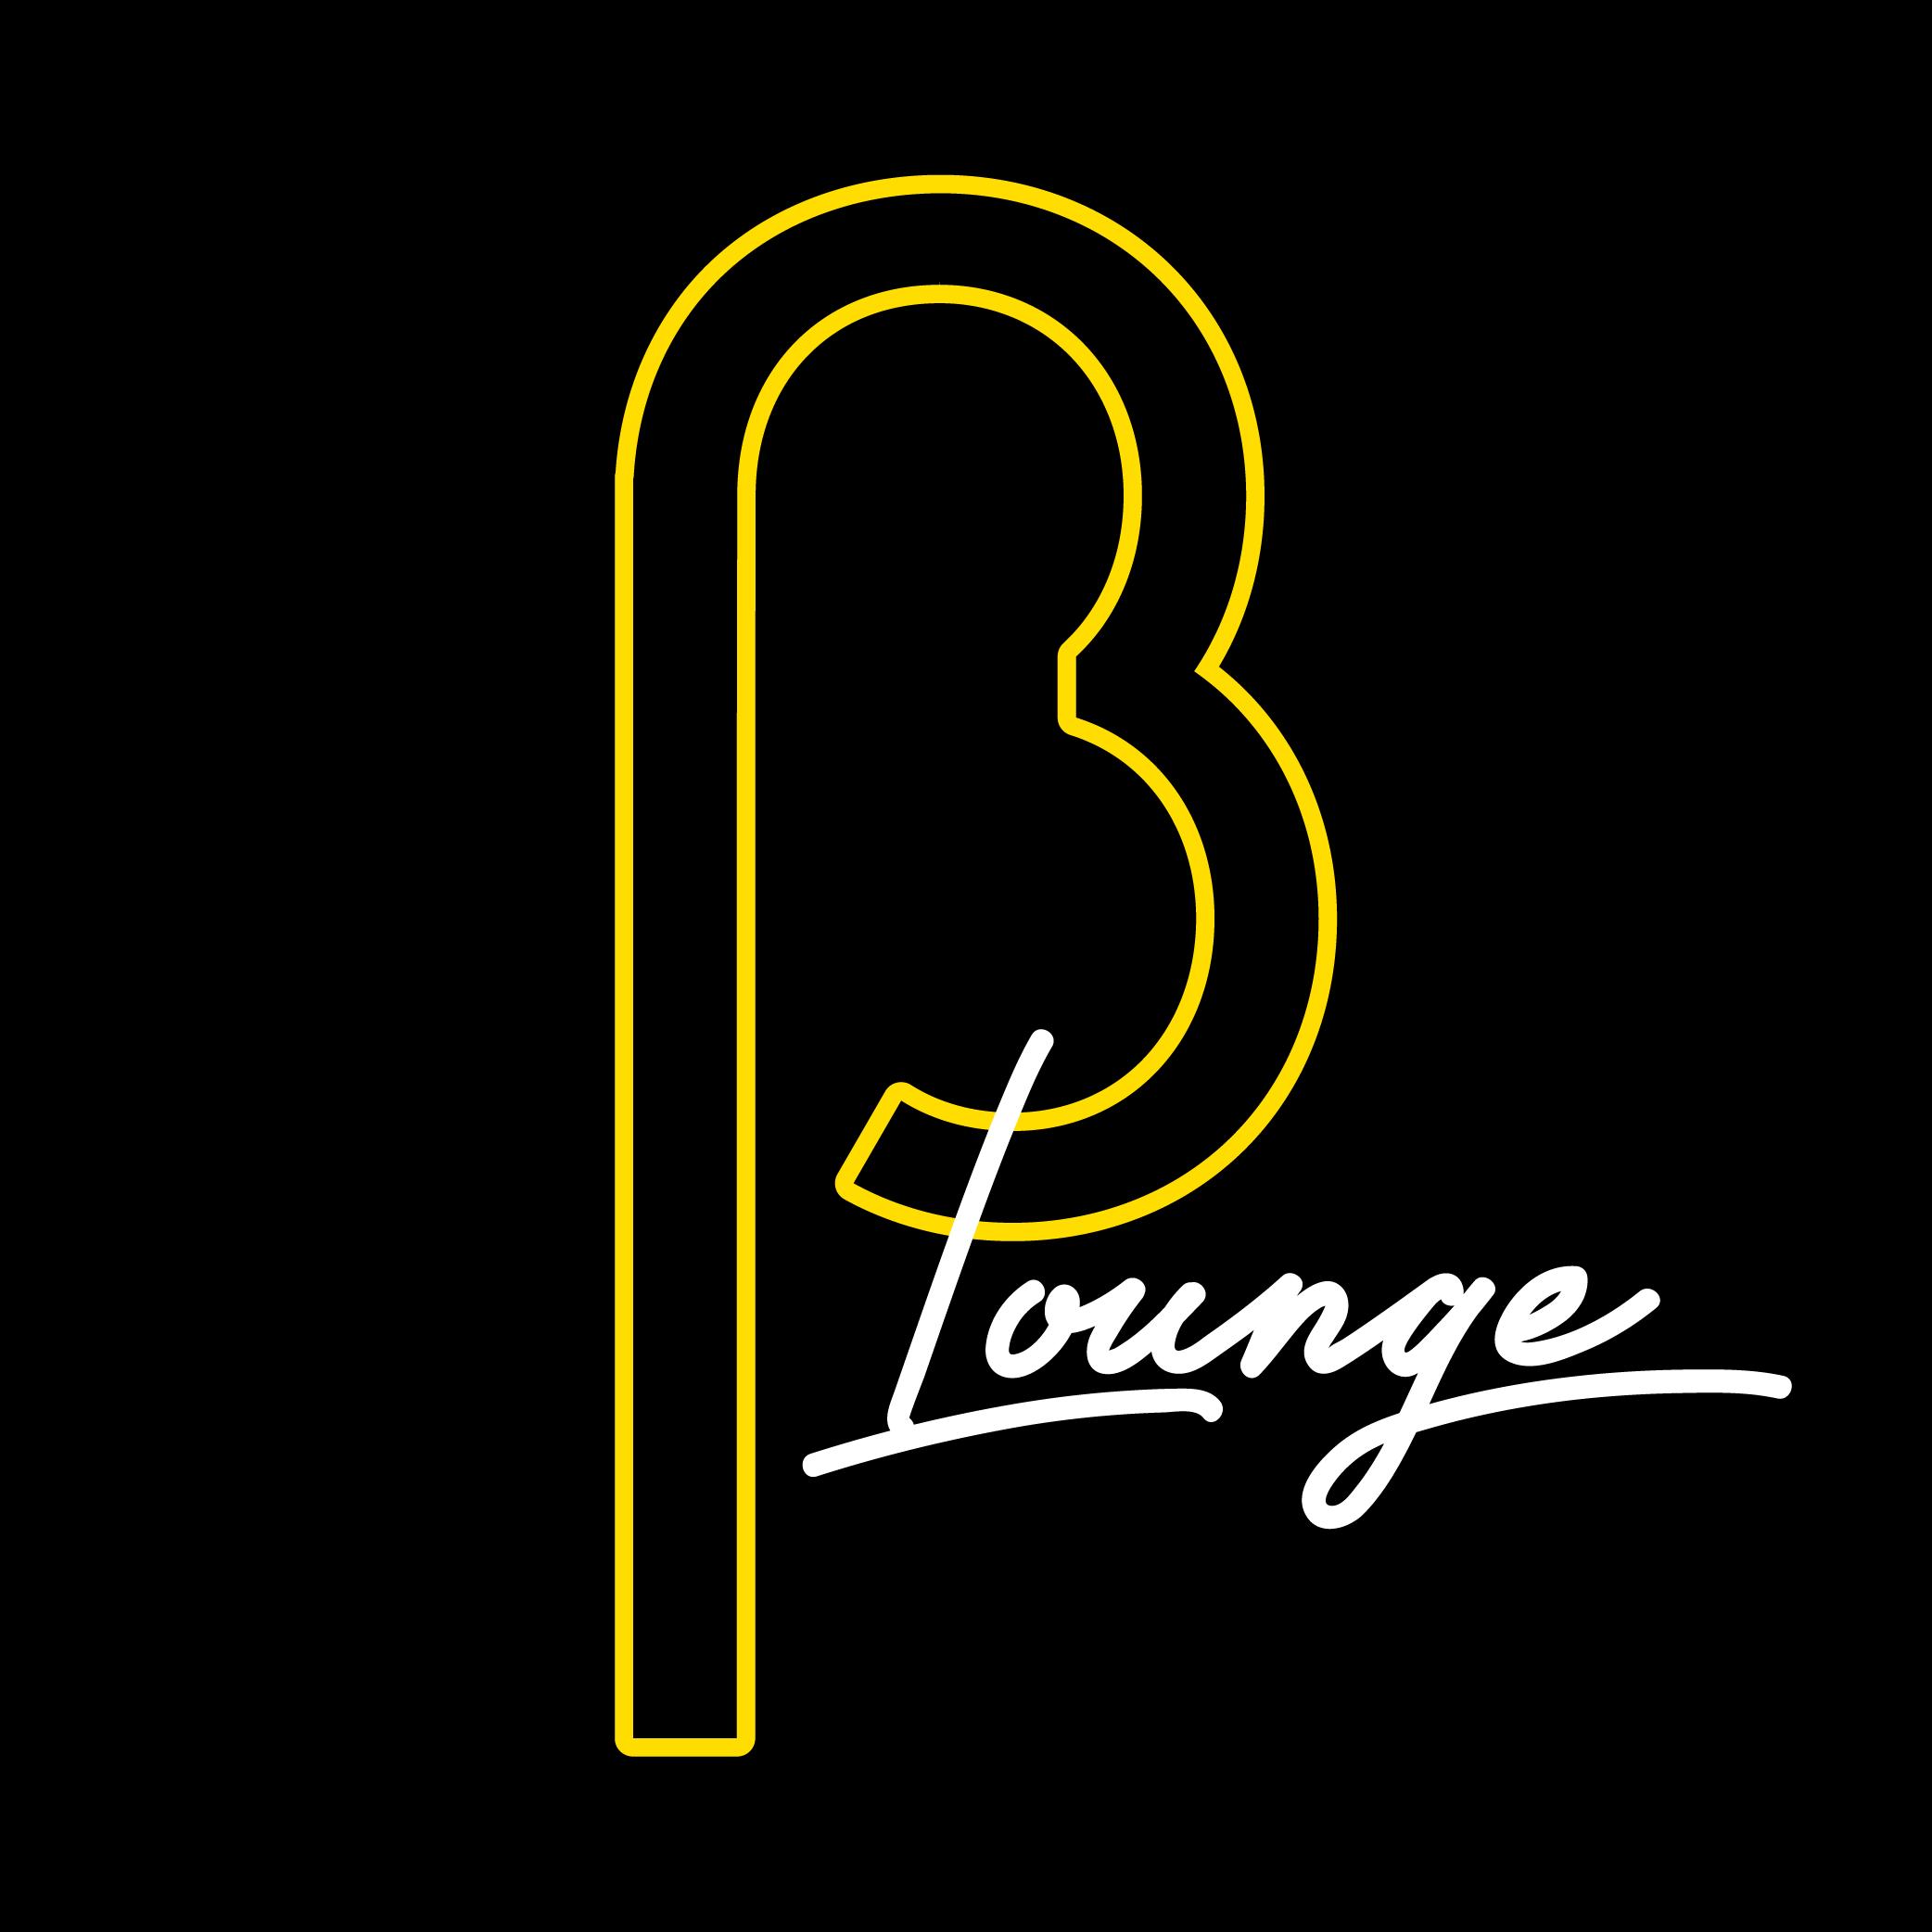 βLounge